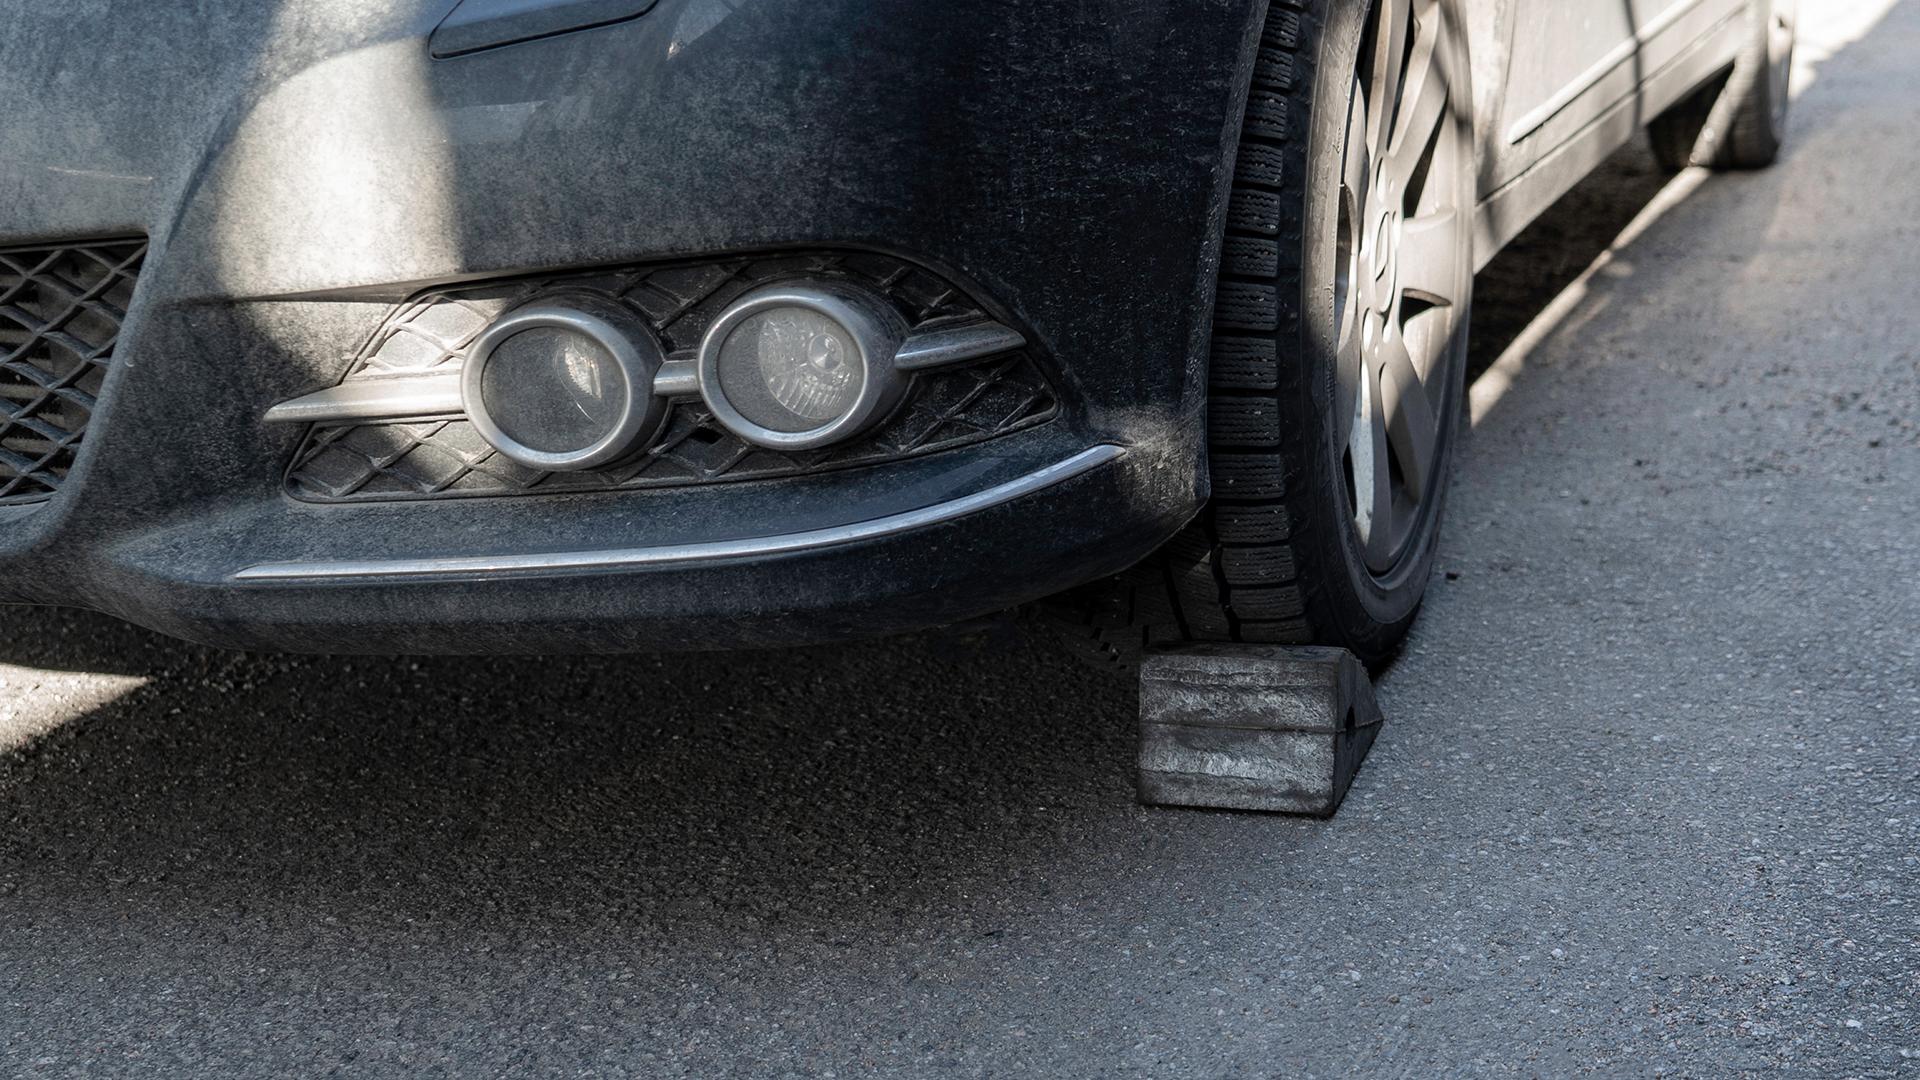 Lås dækket, så bilen ikke kan rulle væk under arbejdet